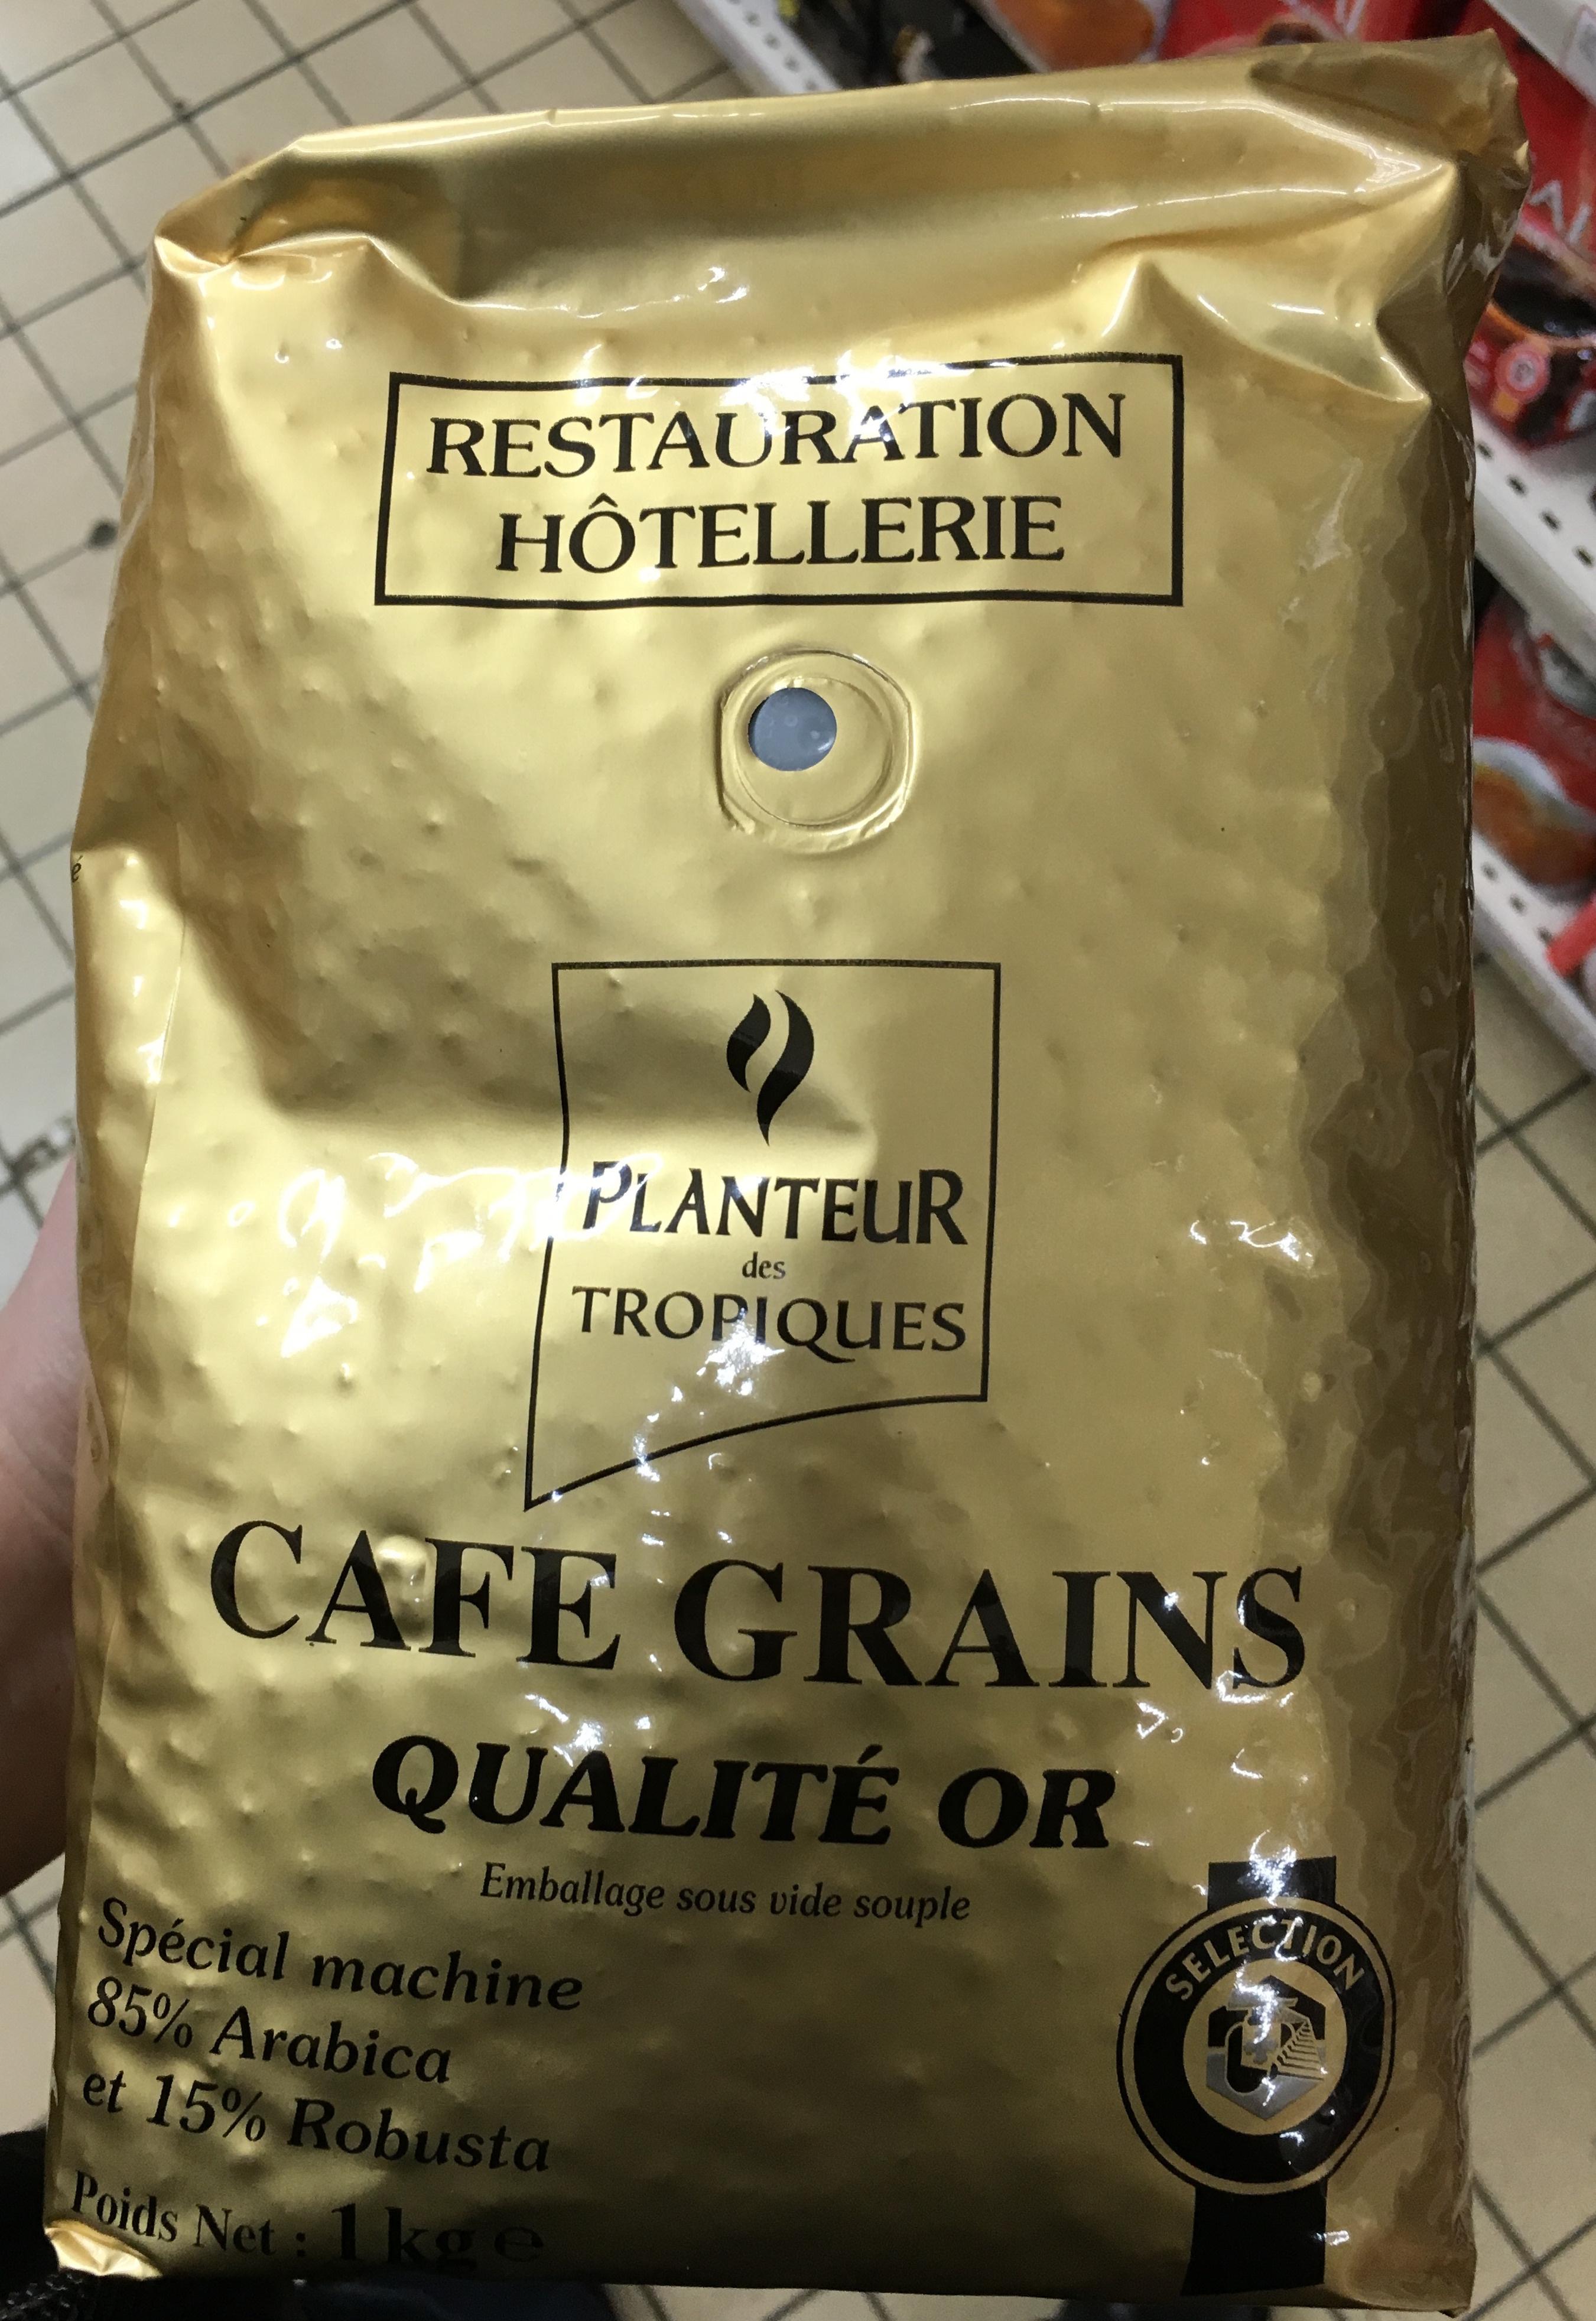 Ziarnista Planteur des Tropiques Qualité Or za 19,99zł/szt. przy zakupie 5 opakowań + 10zł rabatu @ Intermarche